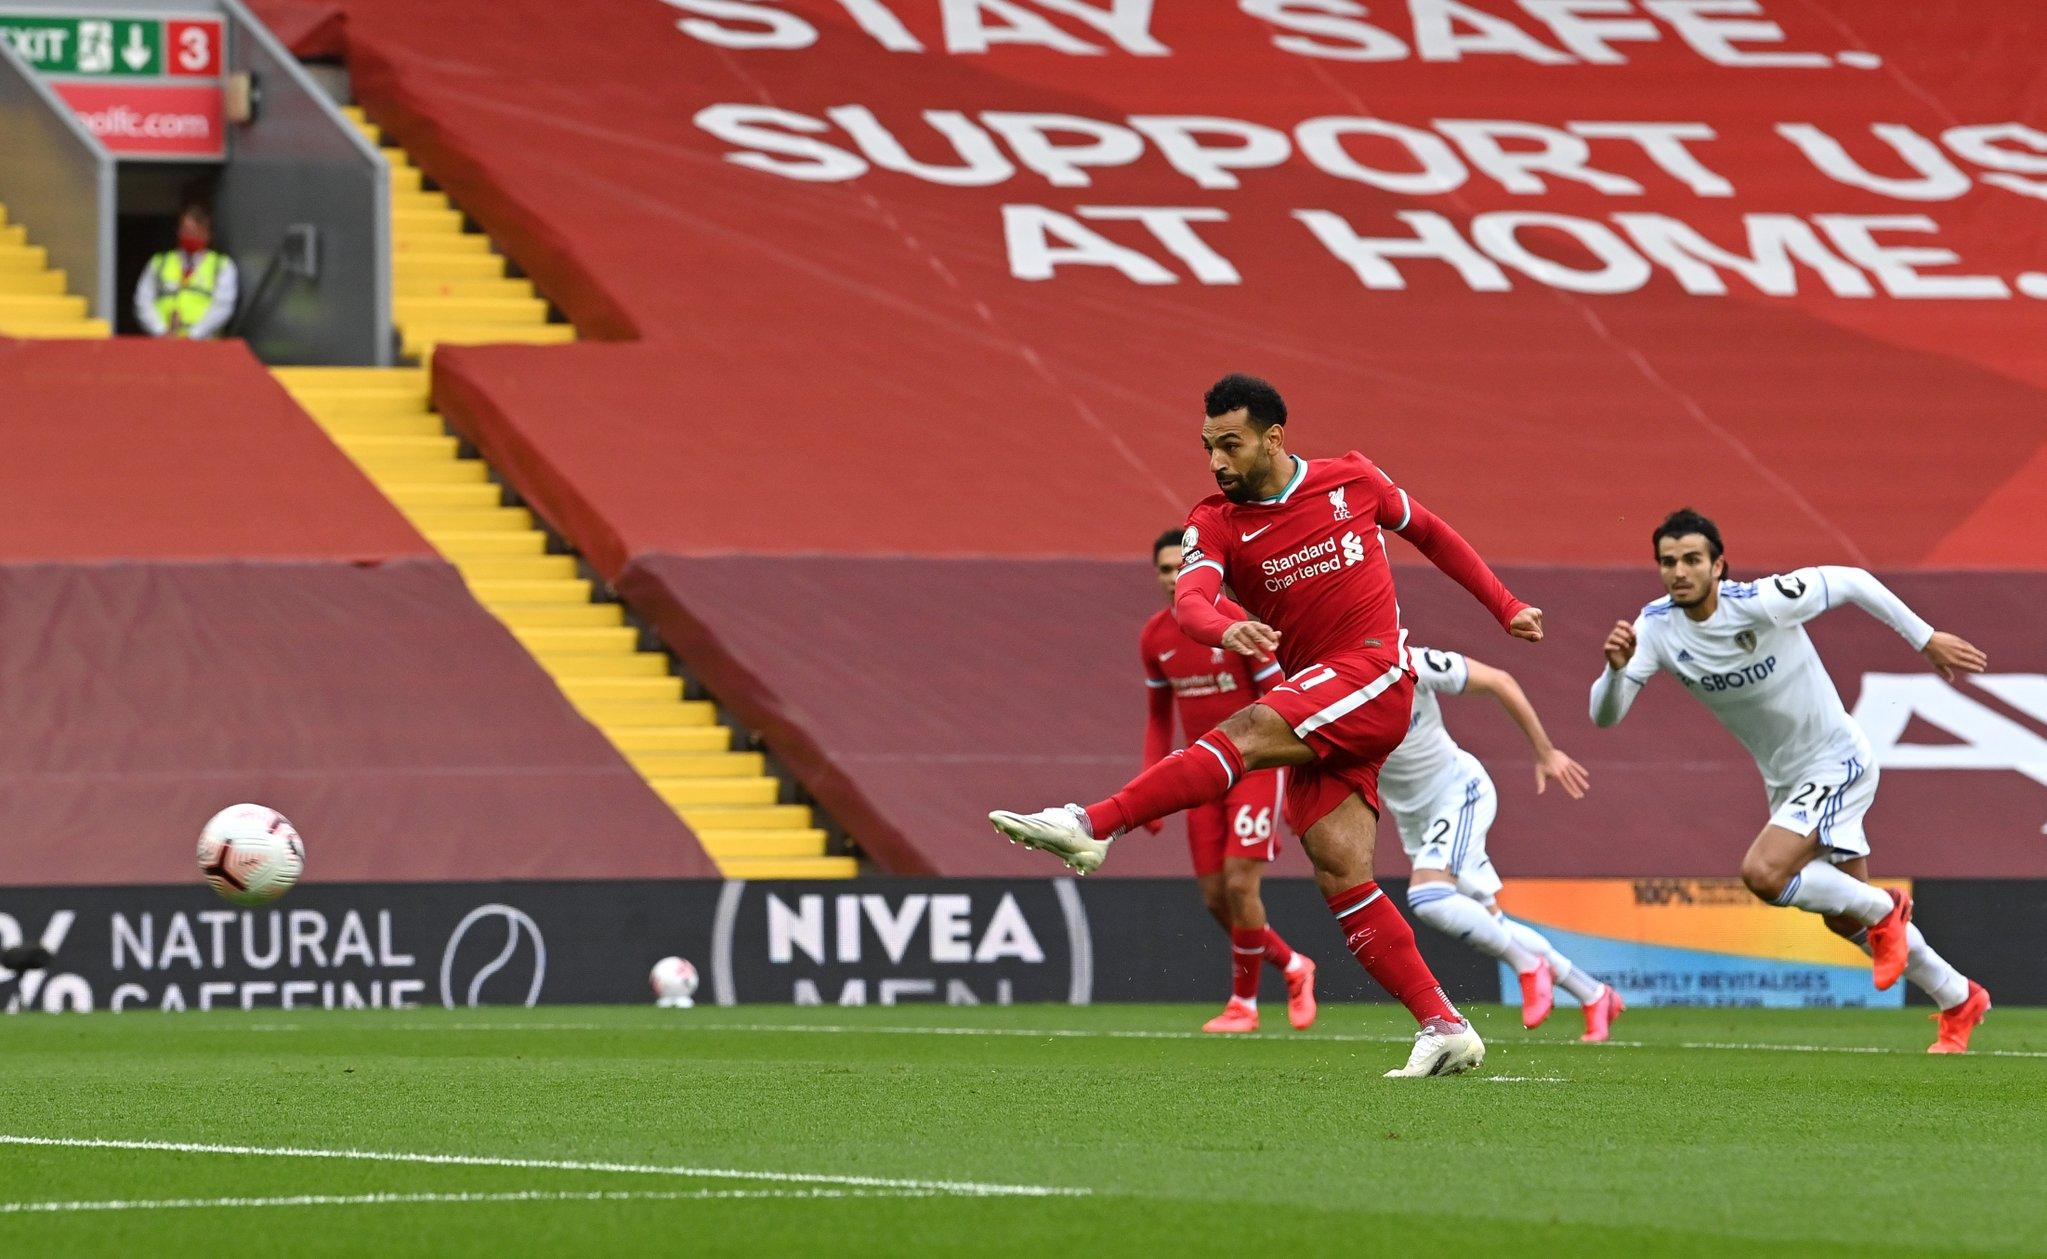 连续4个赛季英超首轮均进球,萨拉赫成利物浦队史第一人